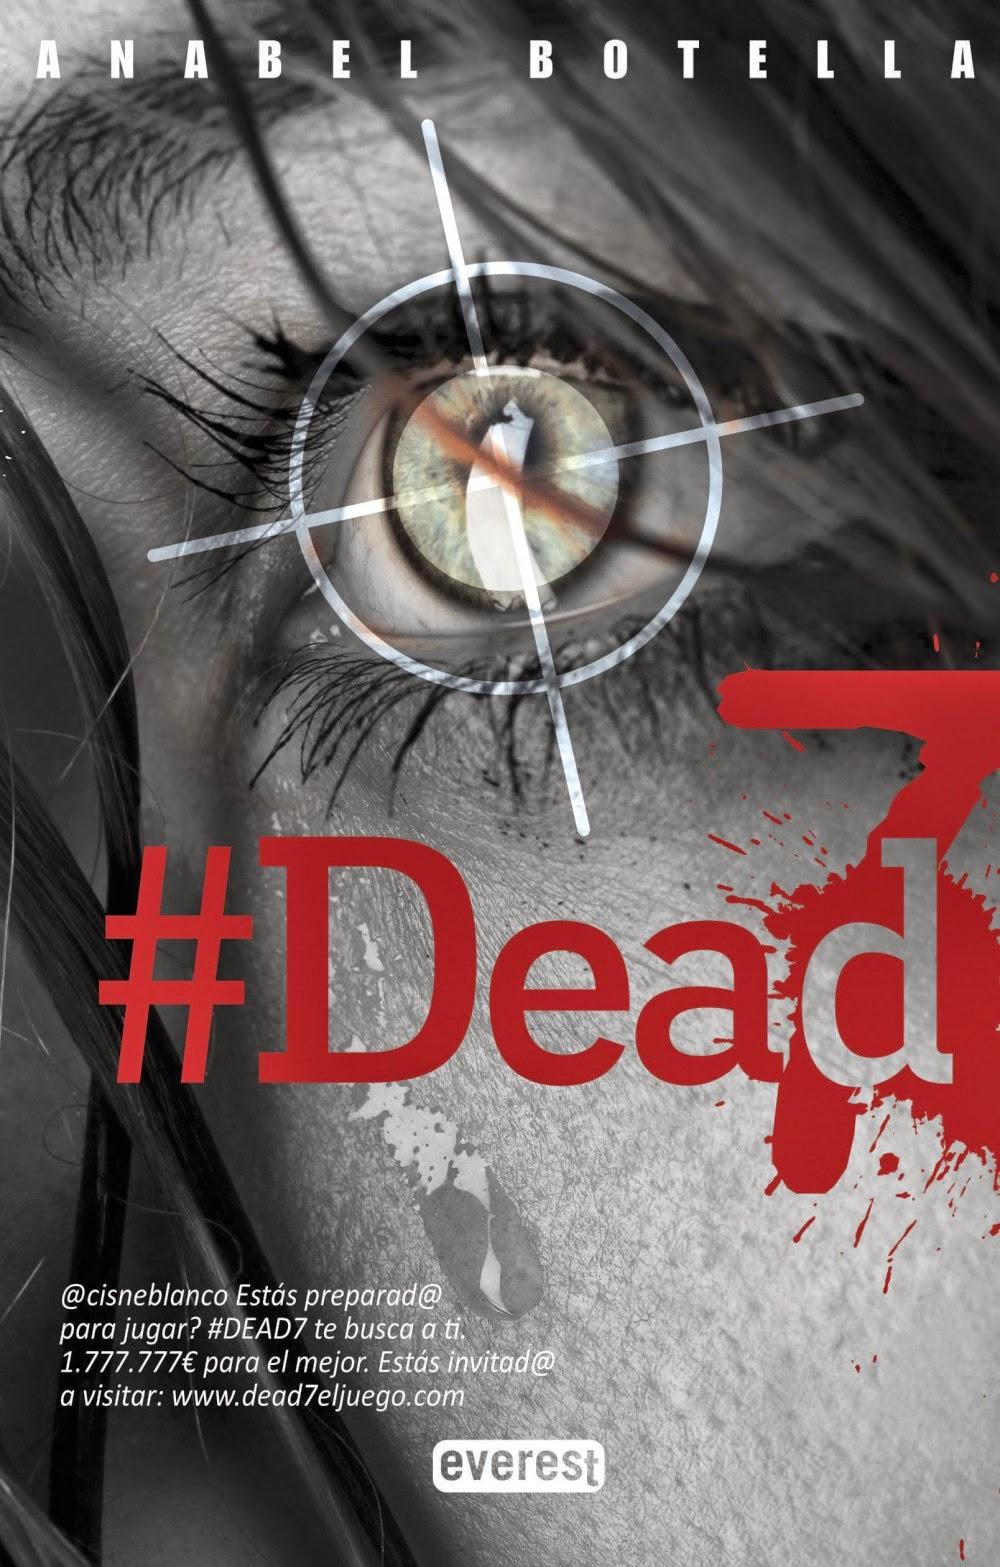 Dead7